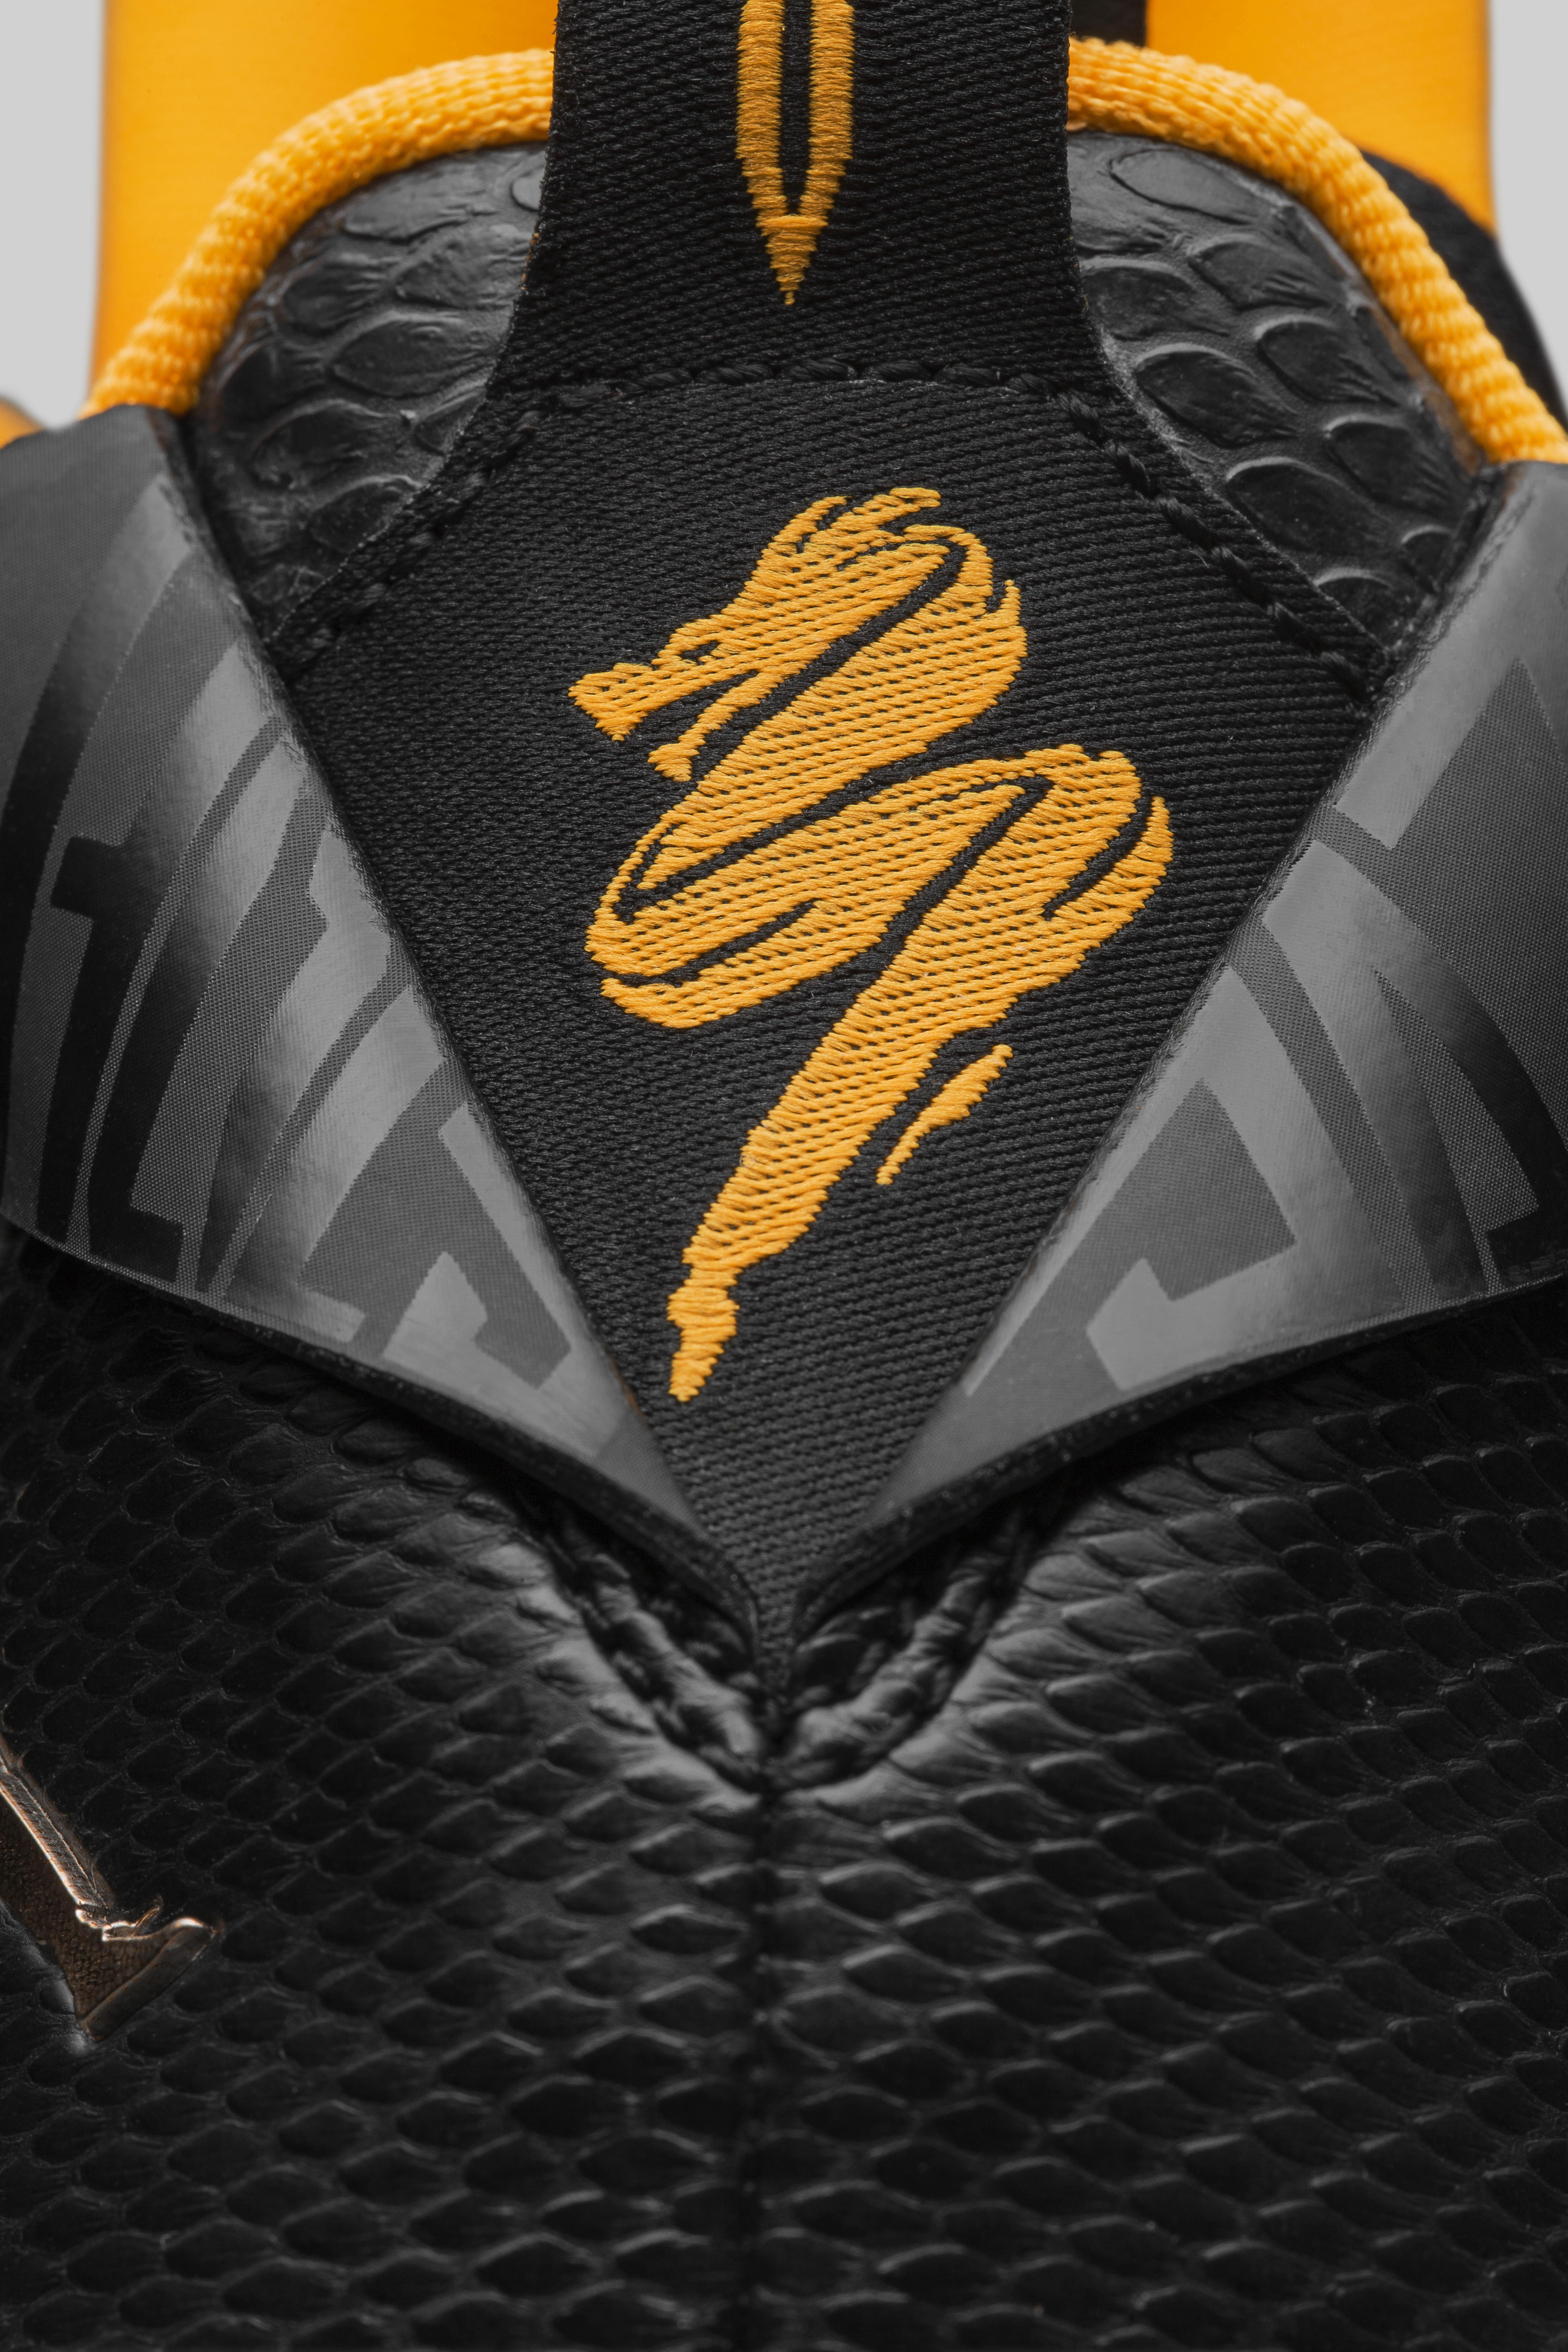 Jordan Brand CP3.IX Refines Control. Download Image: LO · HI